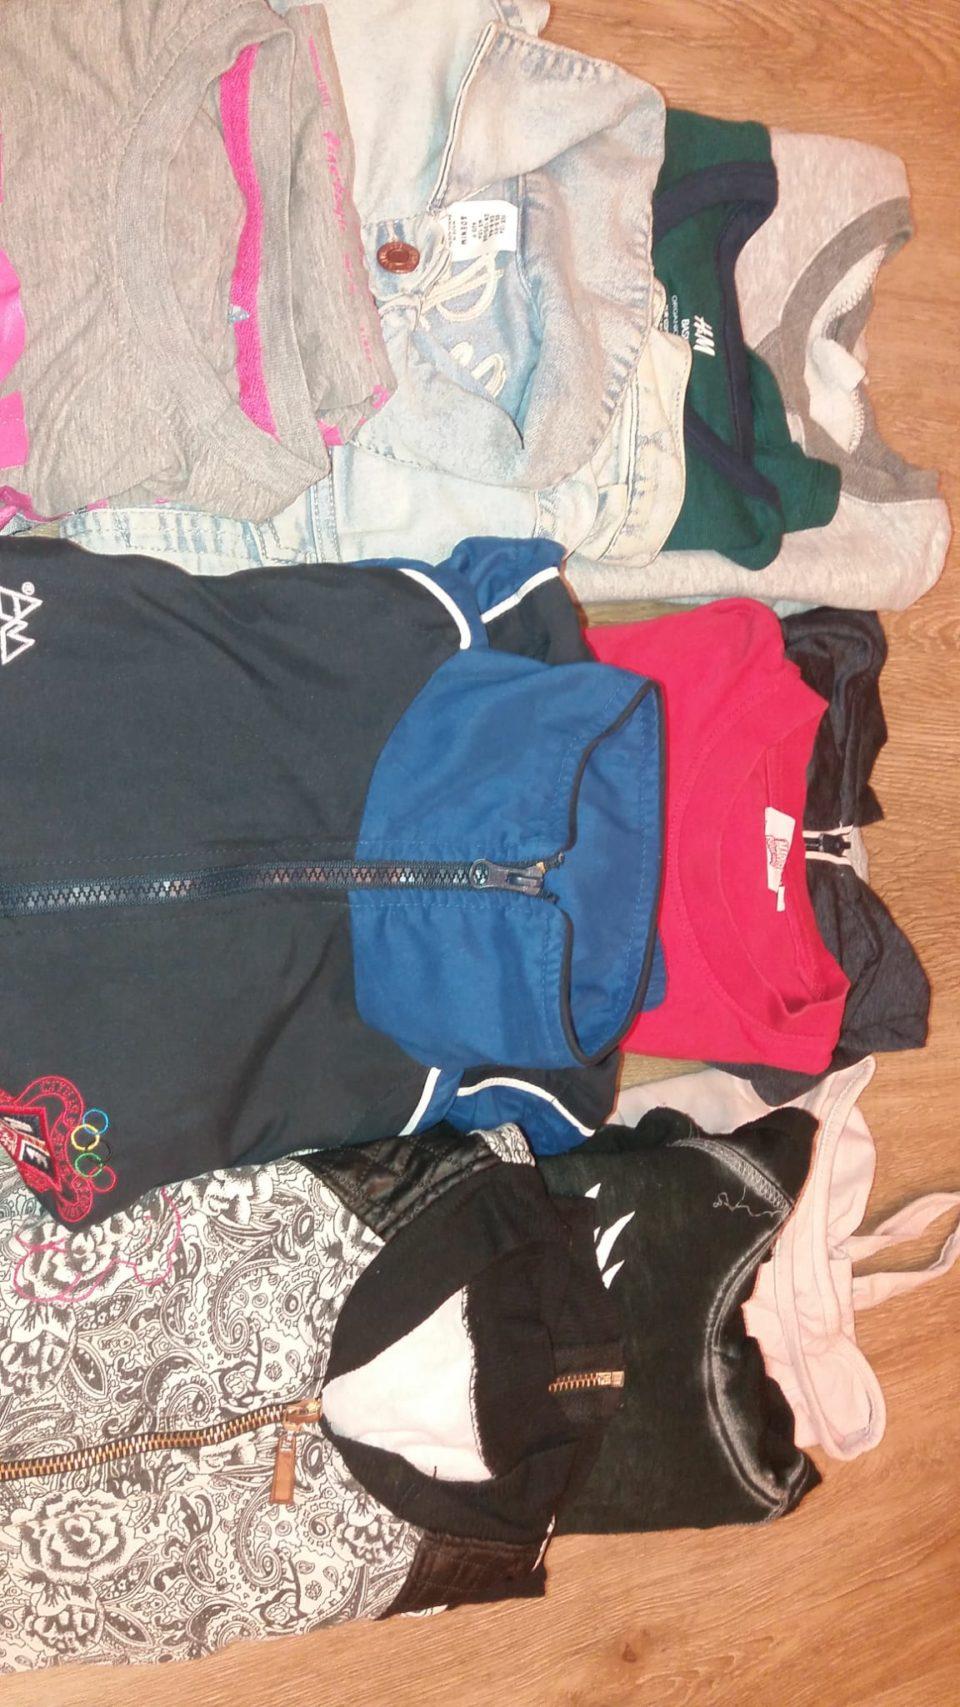 lot de roba de 6-8 anys